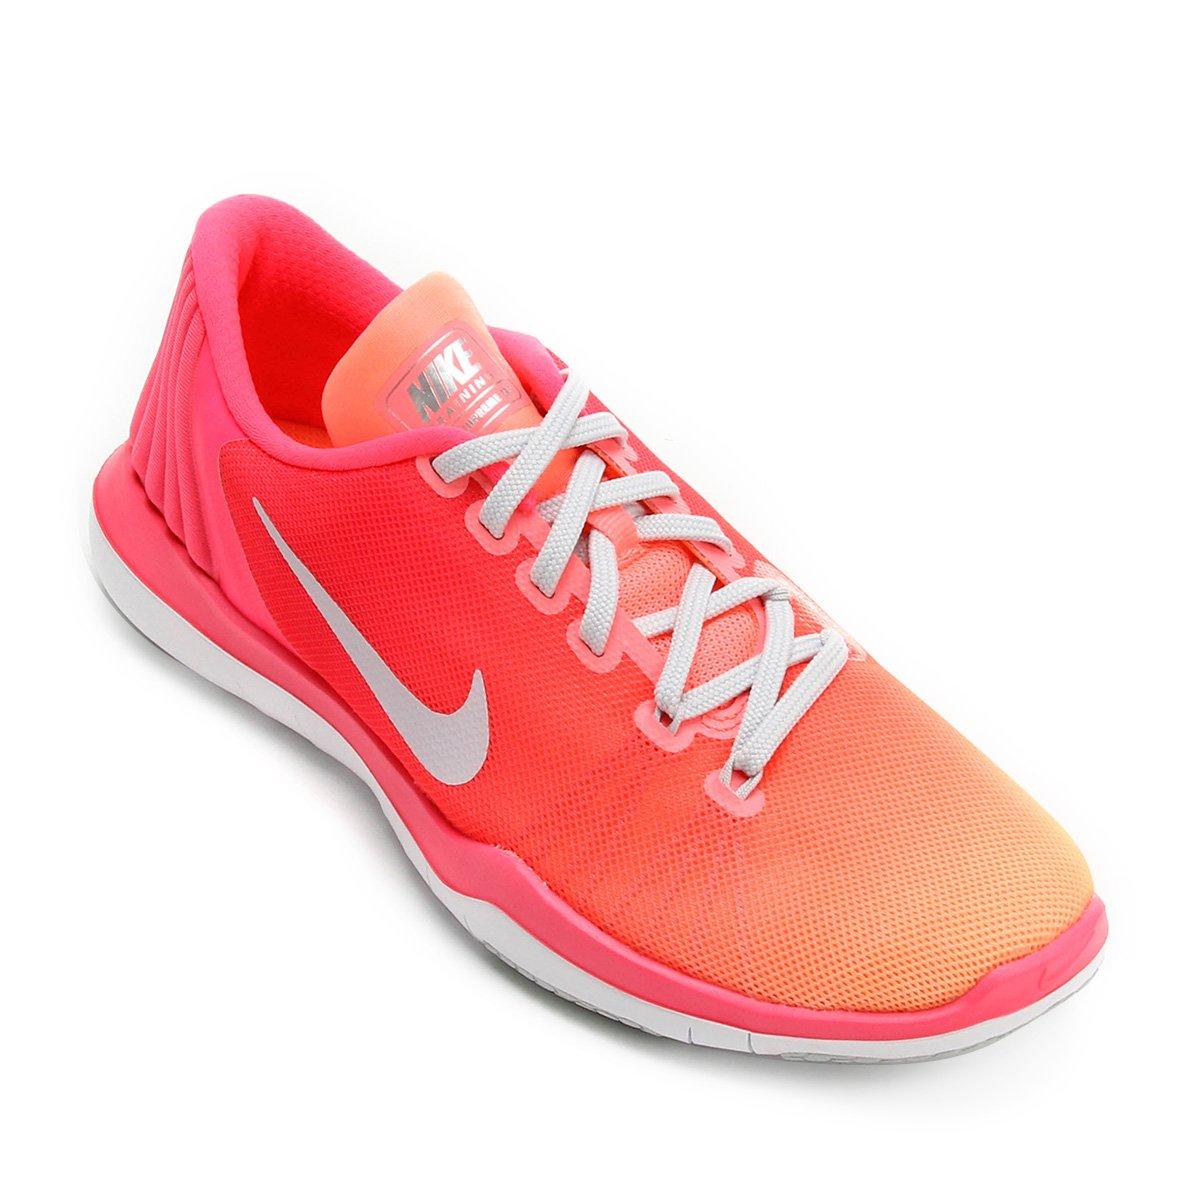 e1e70aada Tênis Nike Flex Supreme Tr 5 Fade Feminino - Compre Agora